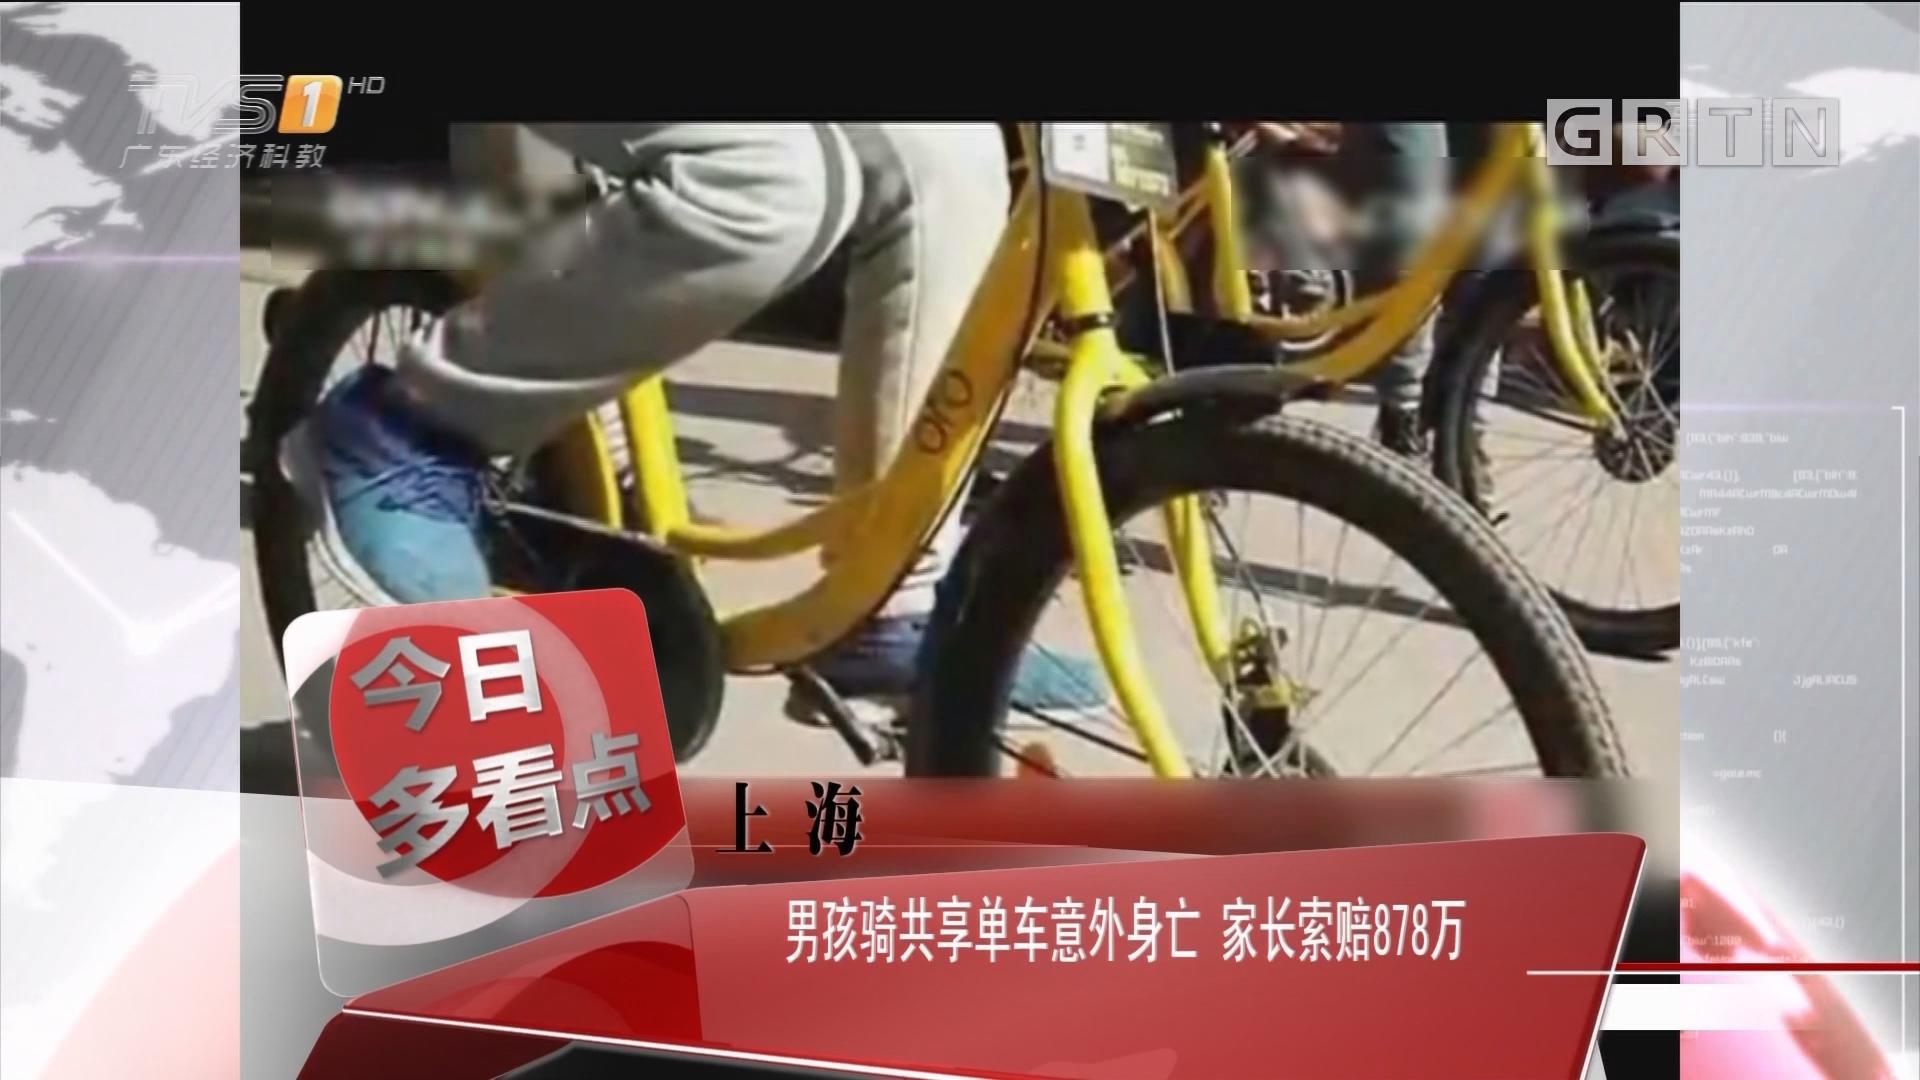 上海:男孩骑共享单车意外身亡 家长索赔878万